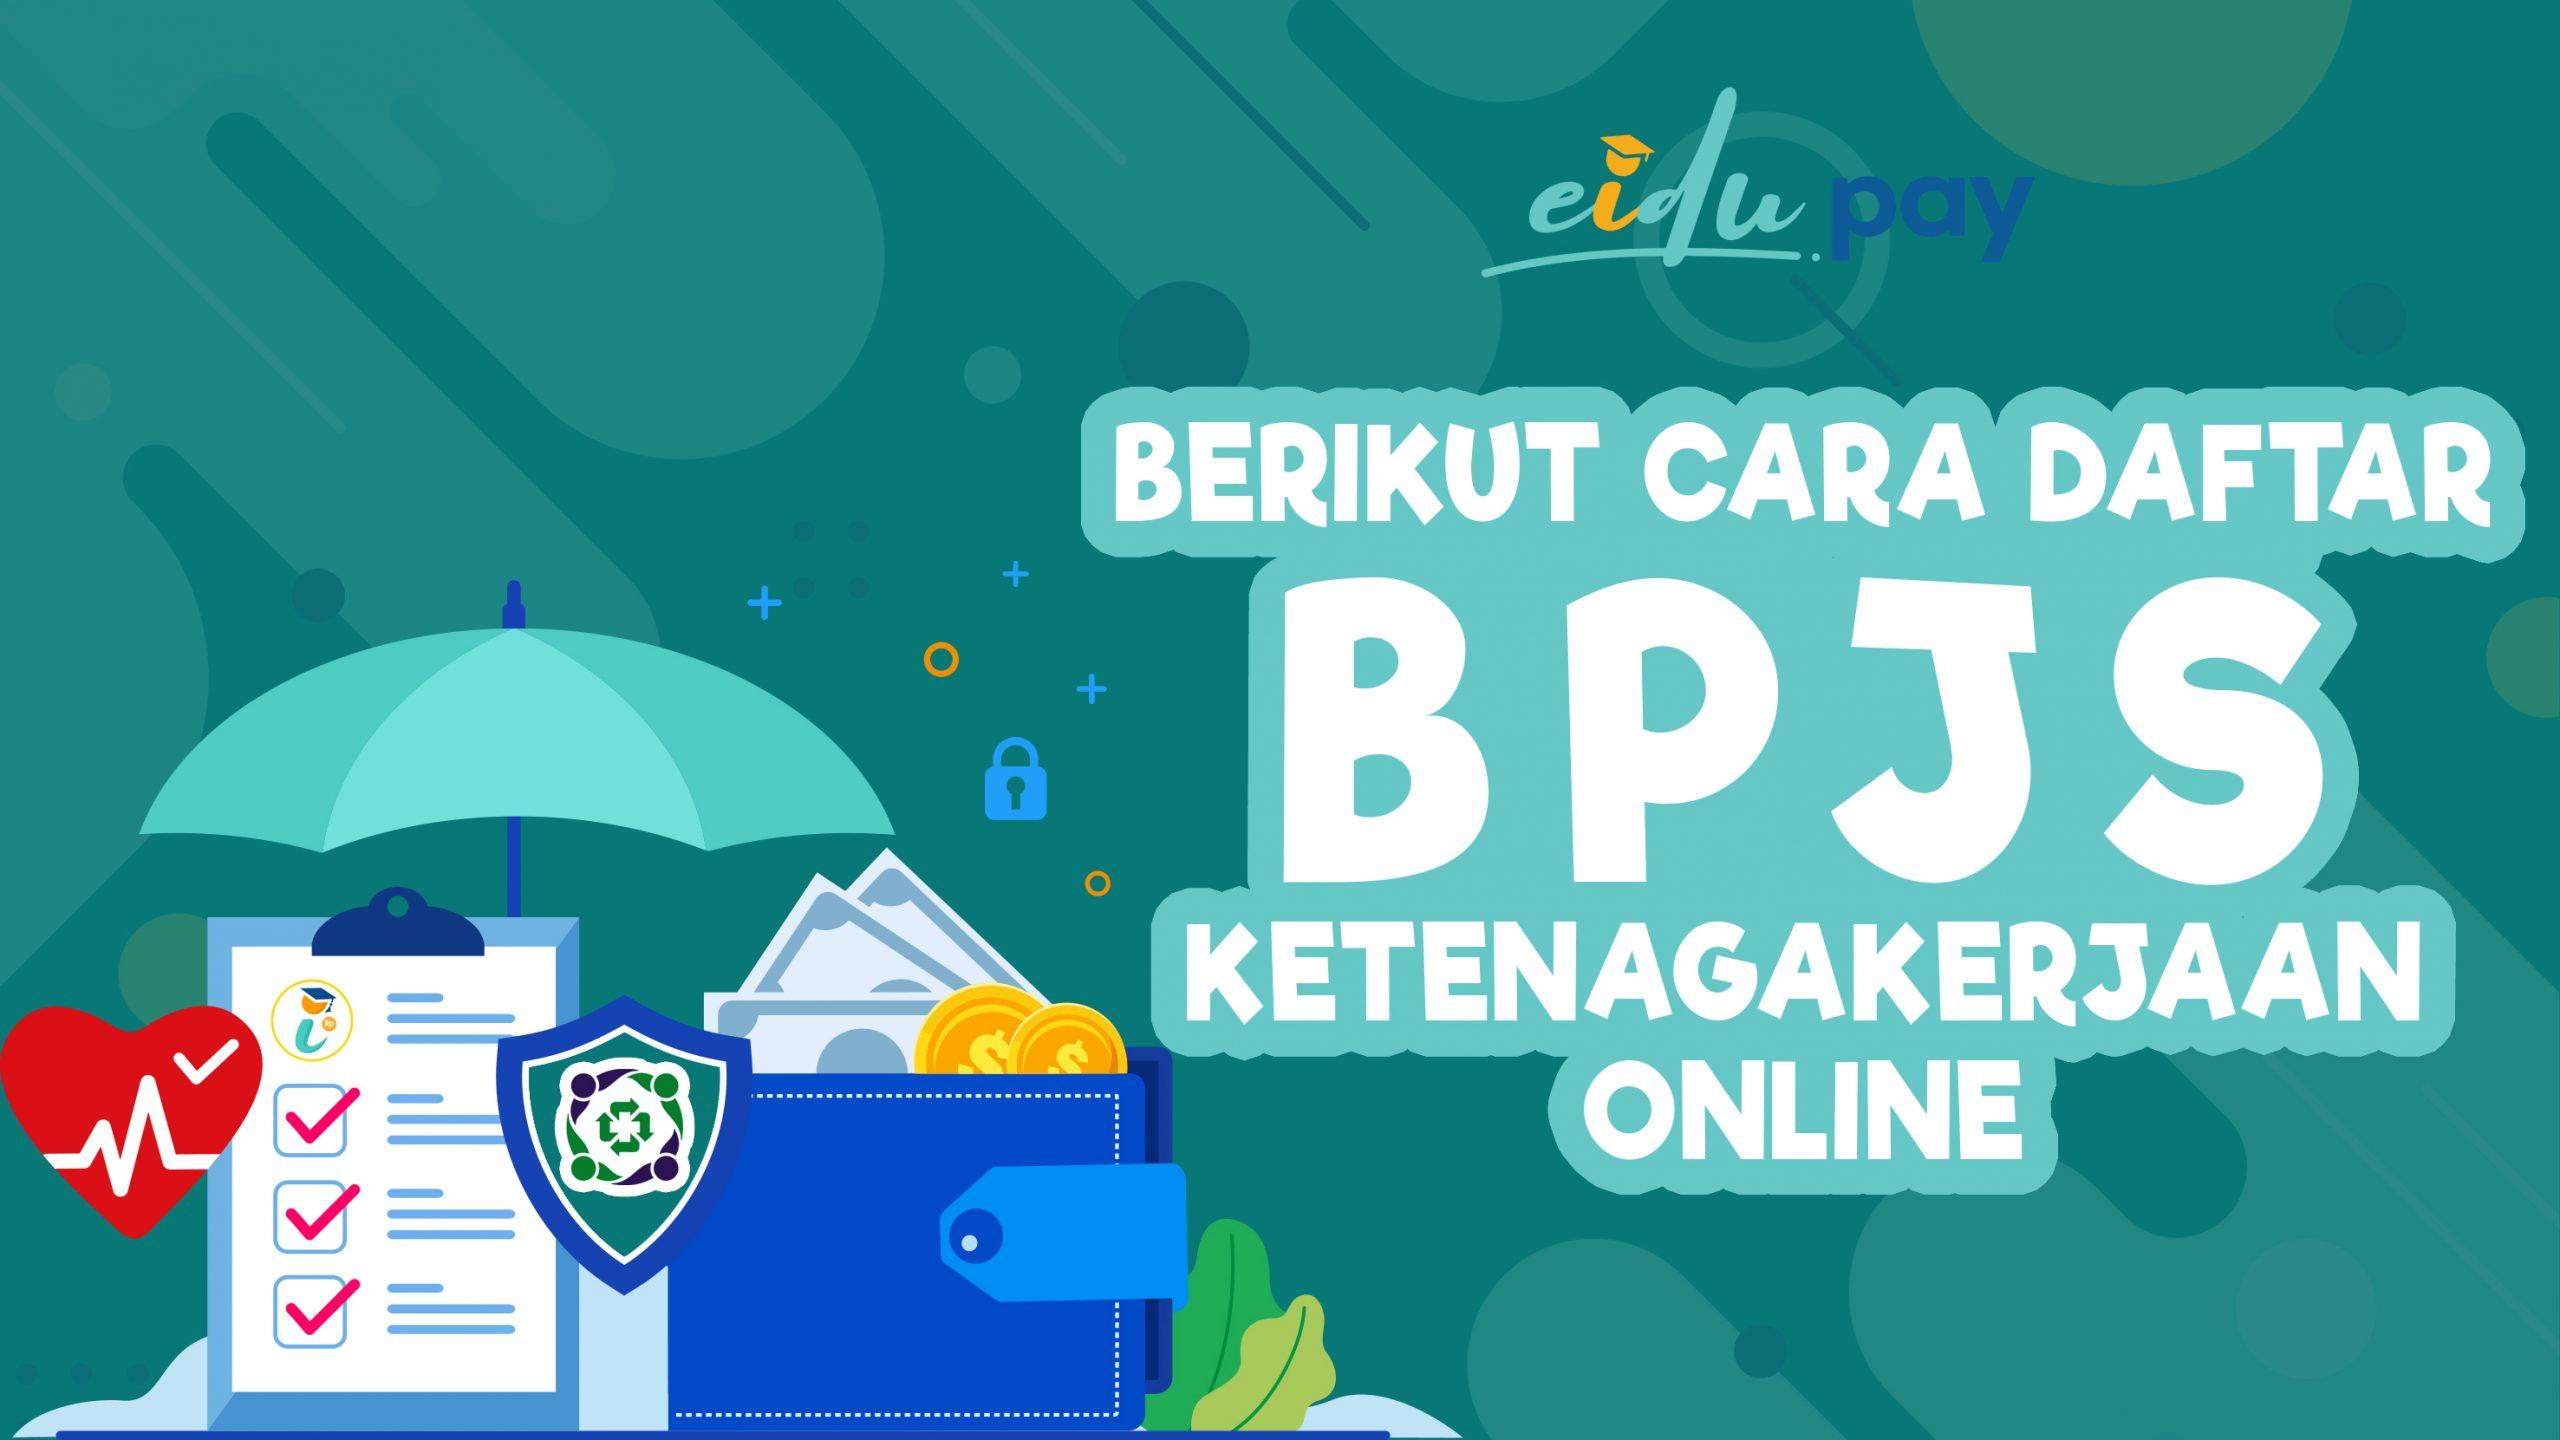 Berikut Cara Daftar BPJS Ketenagakerjaan Online